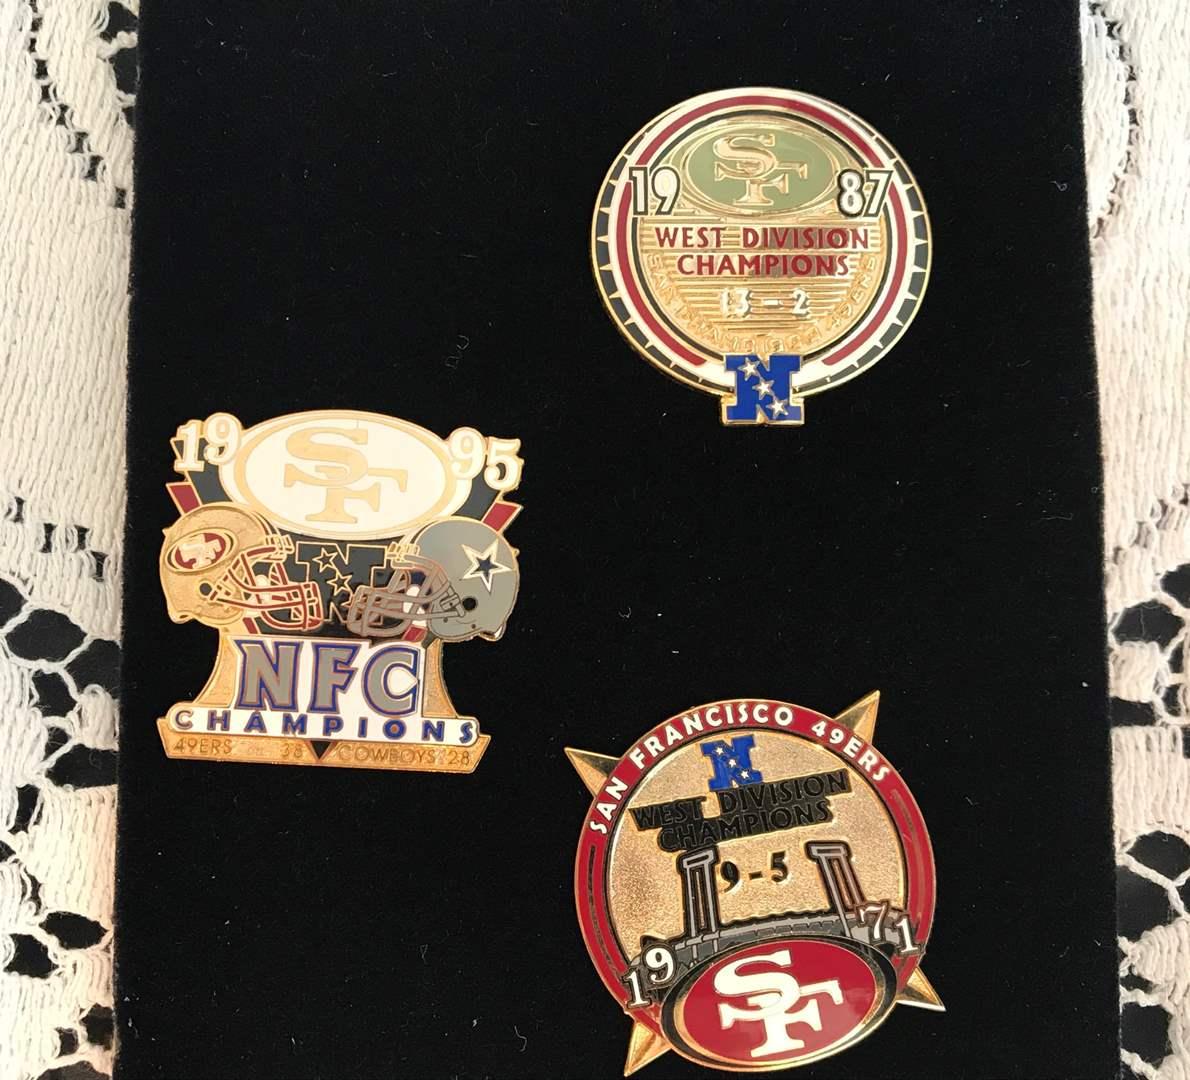 San Francisco 49ers Collectors Pins, 1971, 1987, & 1995 (main image)